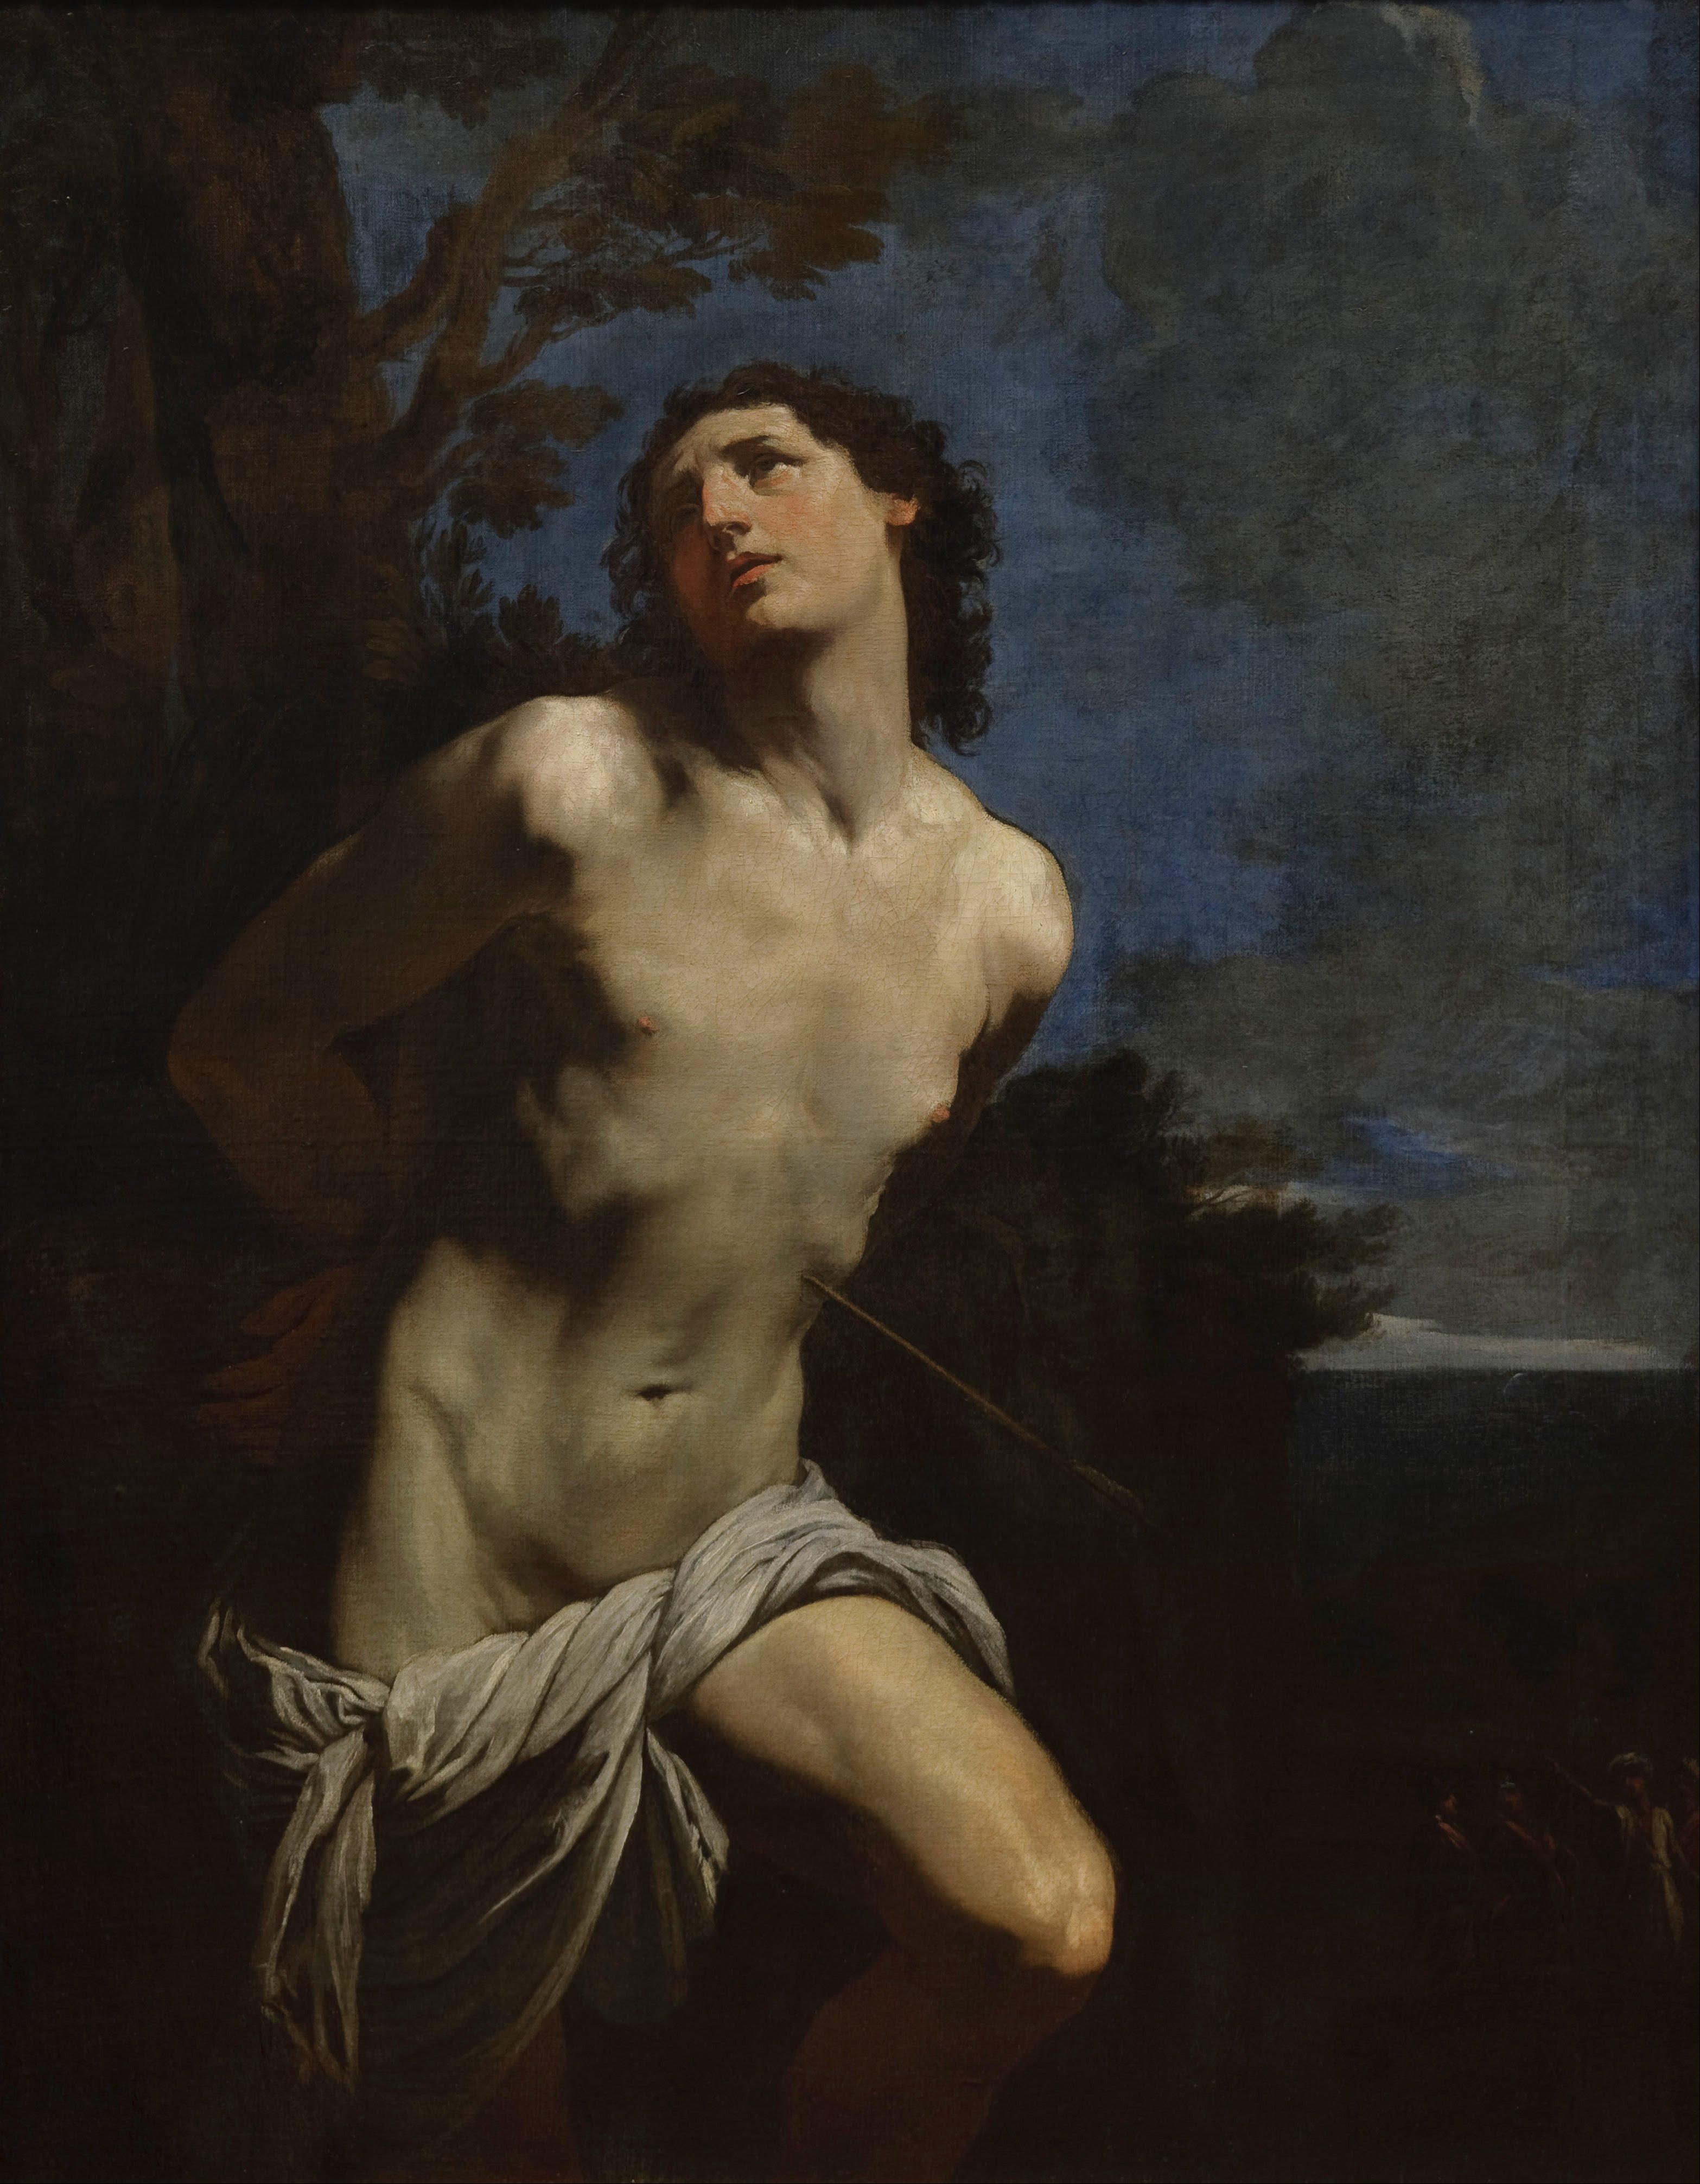 Rencontres pour le sexe: escort saint sebastien